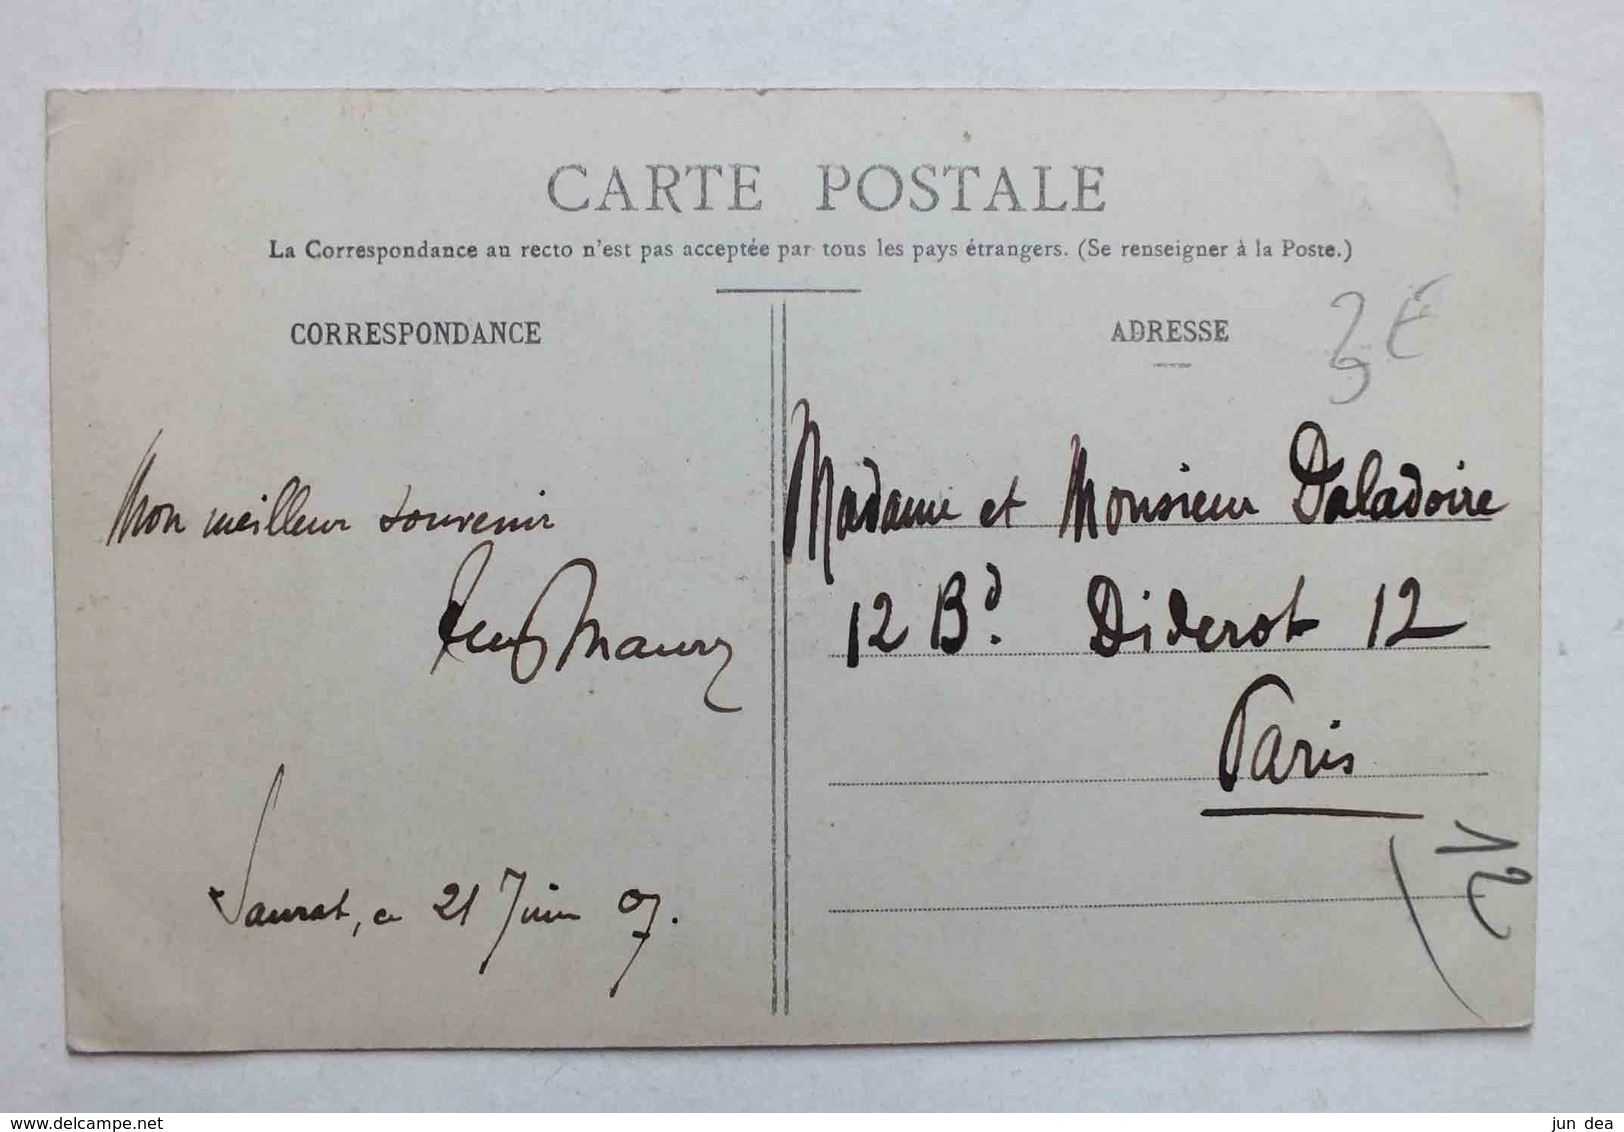 LA HAUTE ARIEGE - CASCADE DE CARGNES A RABAT PRES SAURAT - 80 - France